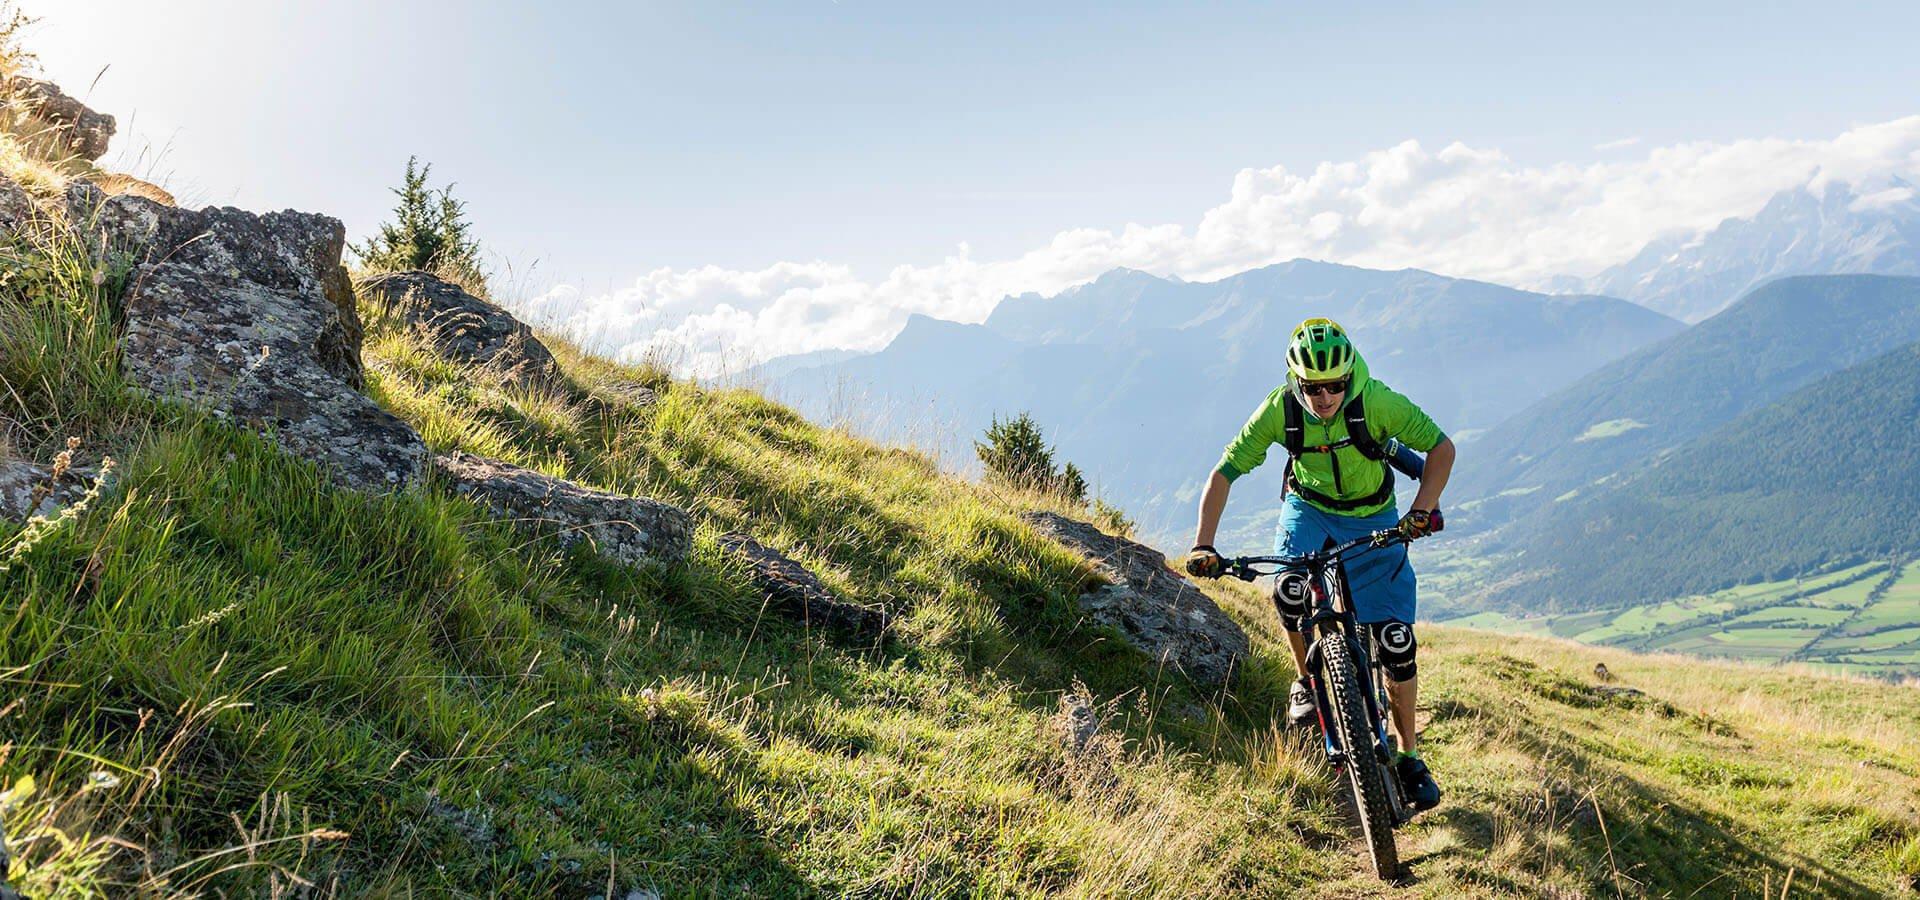 Mountainbike - Urlaub auf dem Bauernhof am Kronplatz